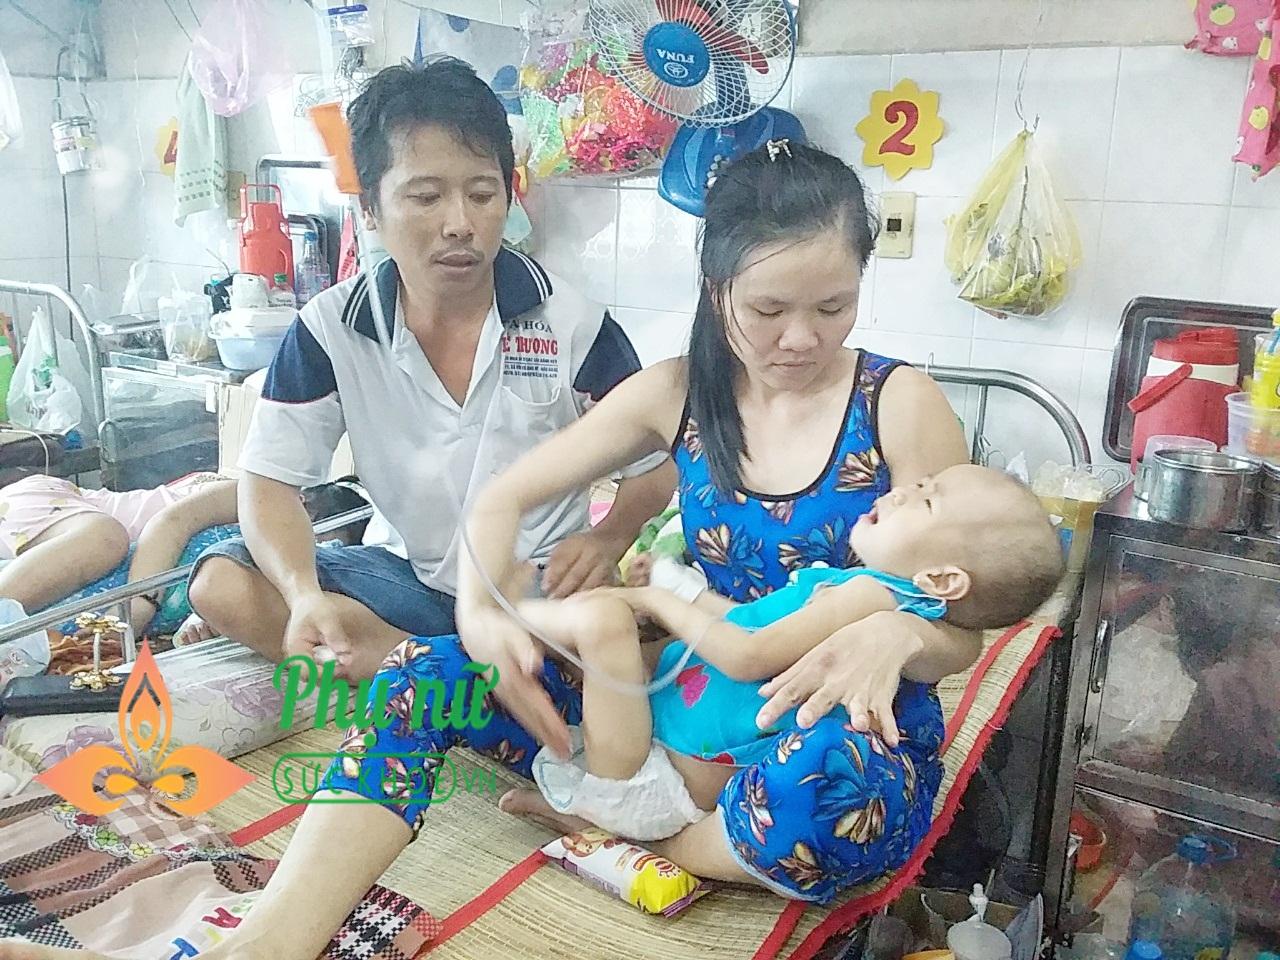 Thương tâm hoàn cảnh ngặt nghèo: Bà bị u phổi, cha bị viêm thận, con gái mắc ung thư thận, cả nhà cay đắng mặc cho số phận - Ảnh 1